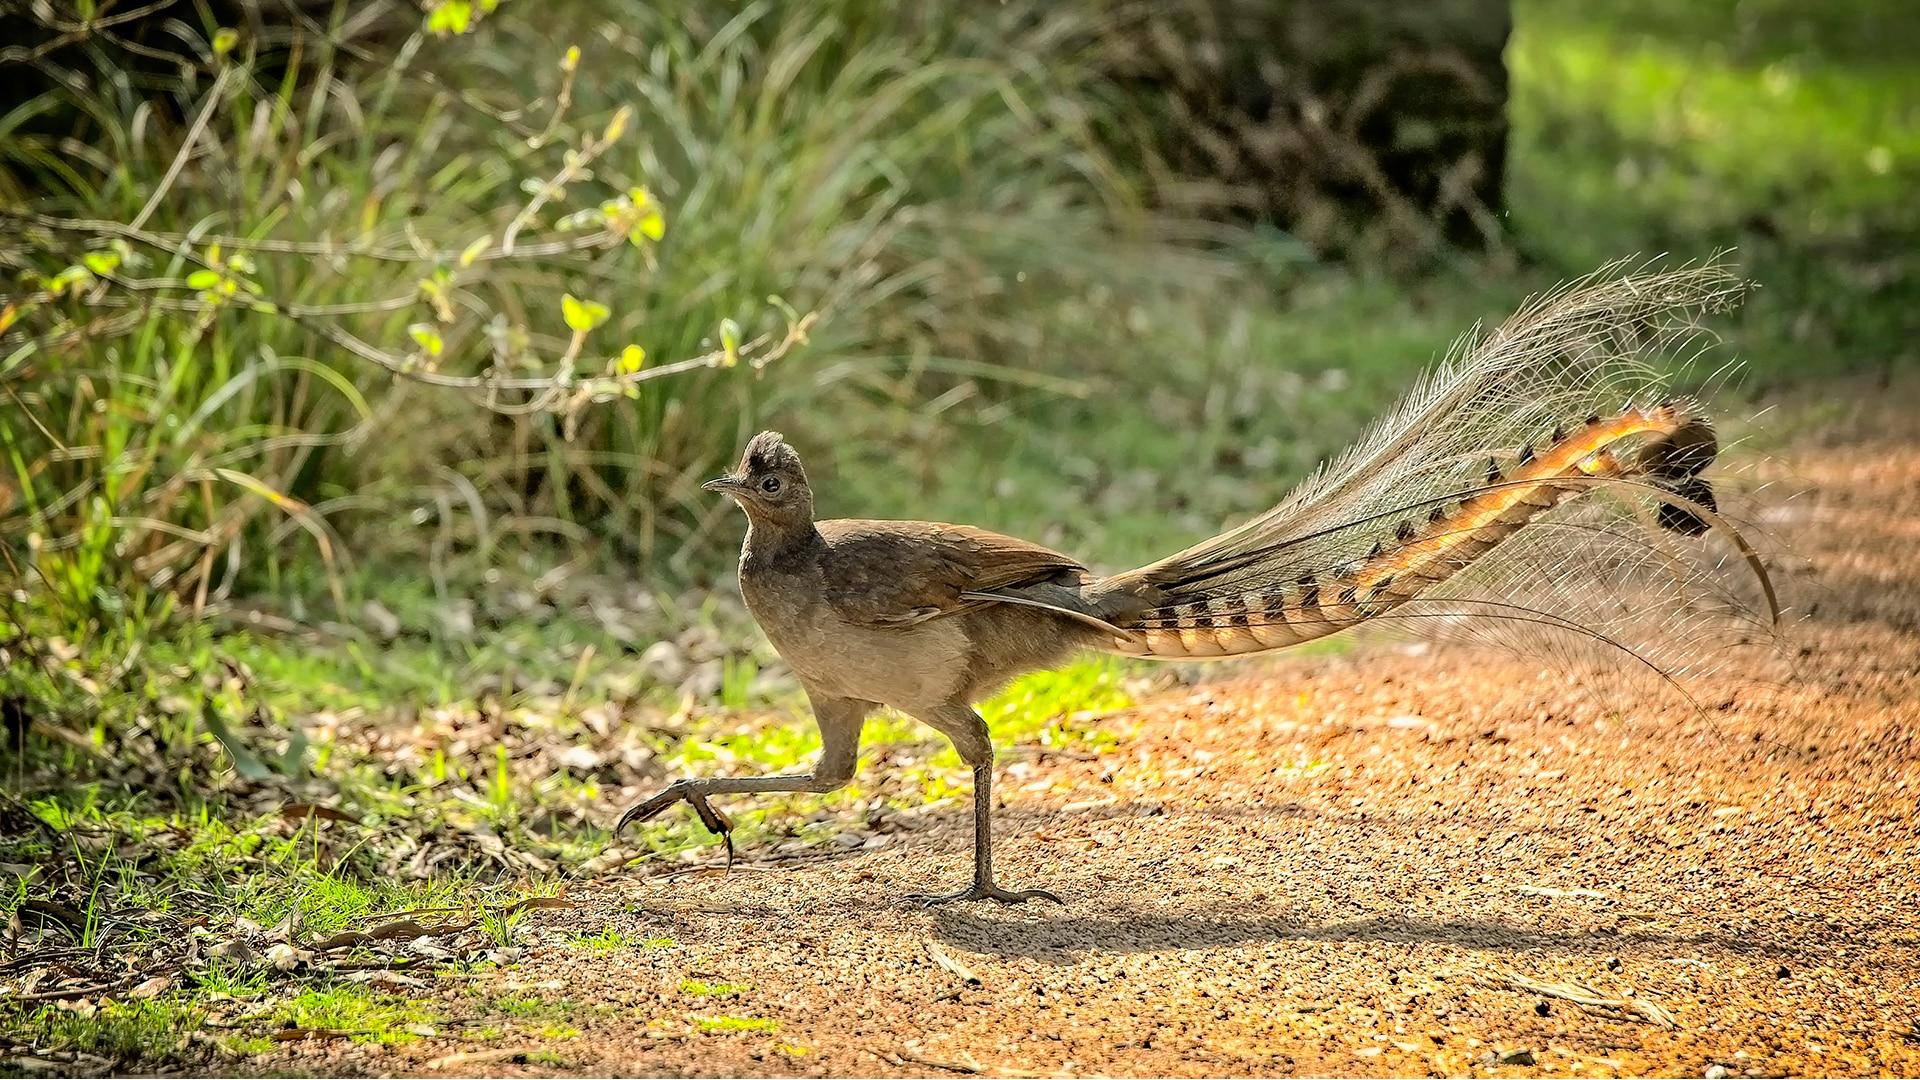 Superb Lyrebird walks by grass in dappled sunshine